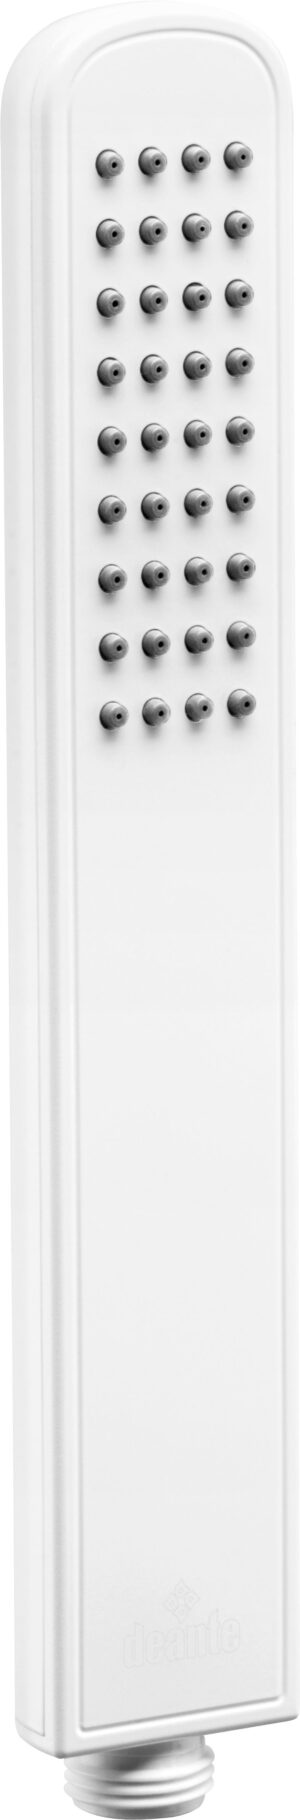 Deante Hiacynt Słuchawka prysznicowa 1-strumieniowa biały NQH_A51S